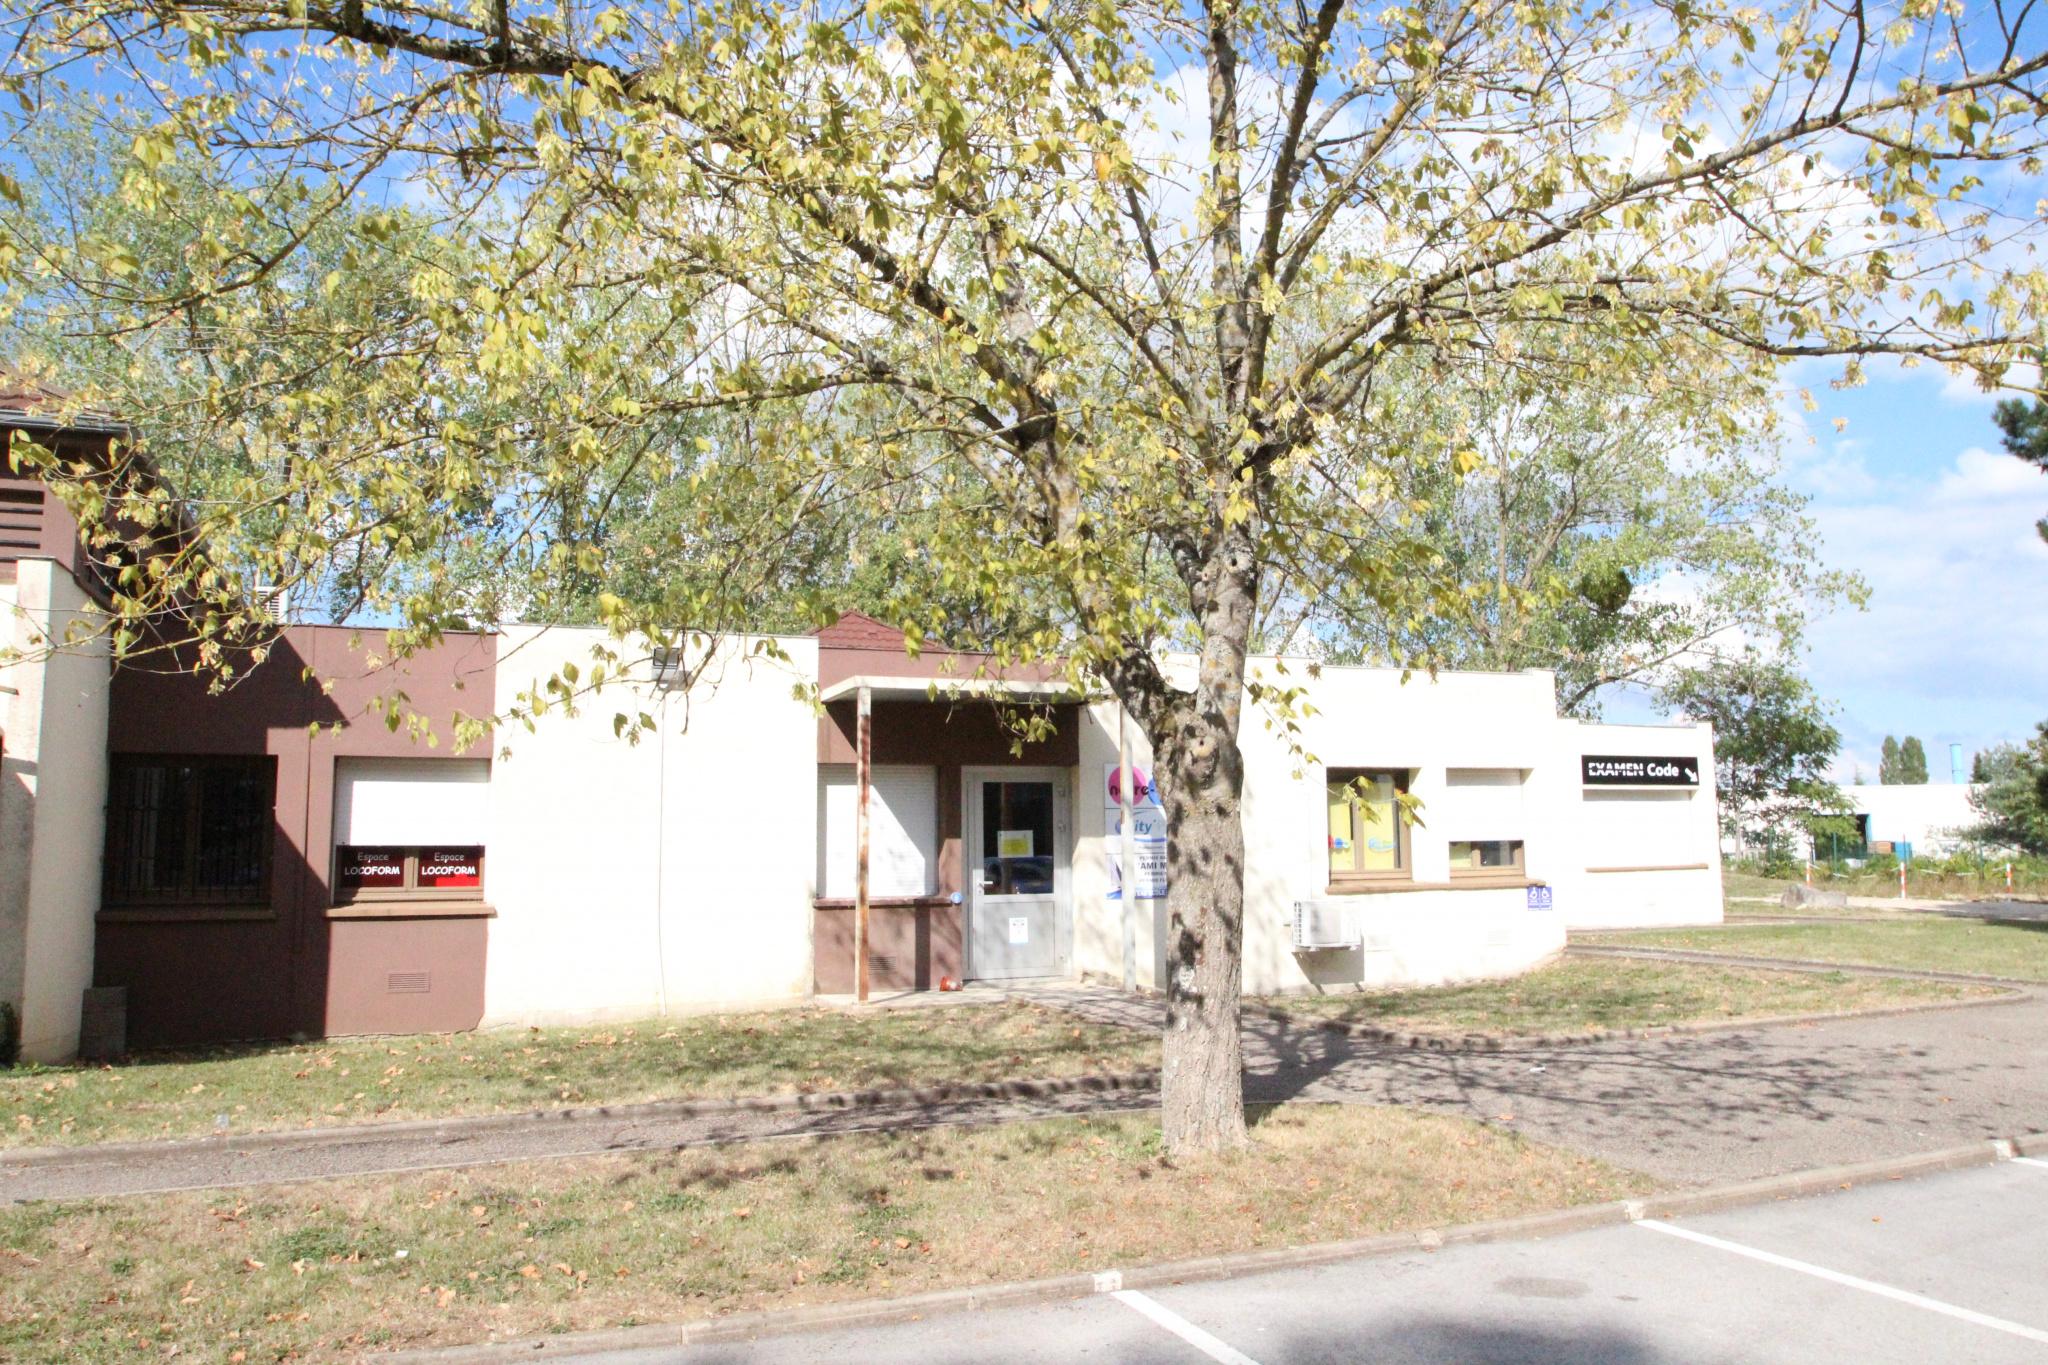 vente bureaux dijon Proximit� rocade - A31 et A39 - CFA de La Noue - Poste - Restauration - Centre d'Affaires -